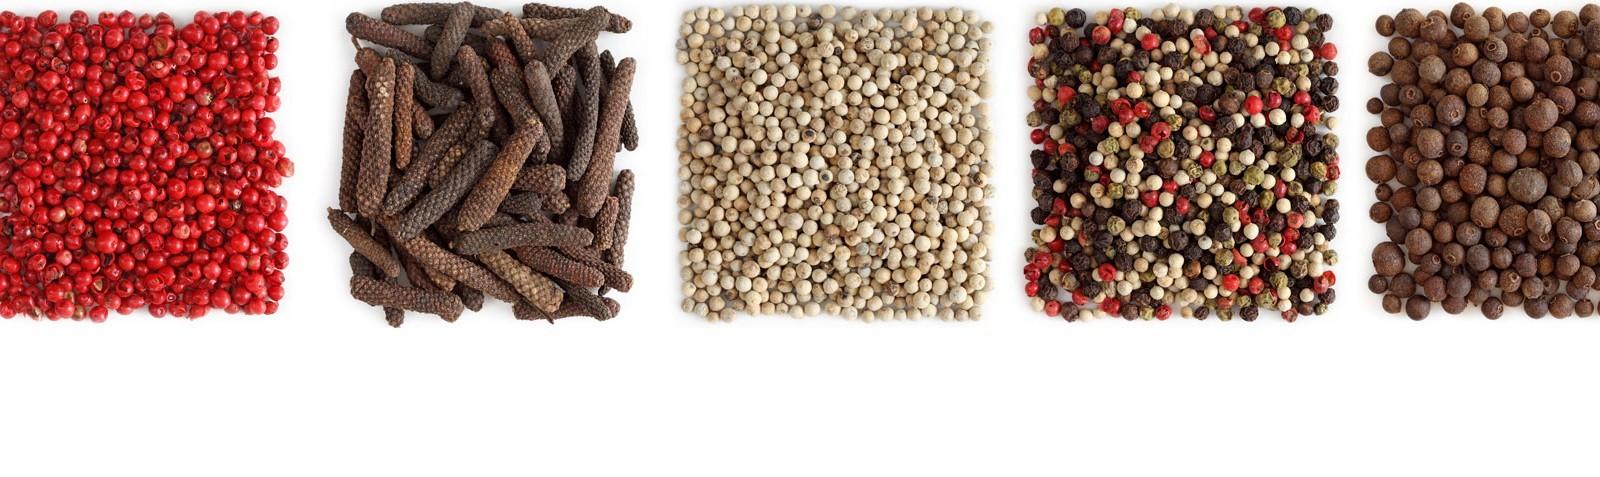 Nudelsaucen, Gewürze und Kräuter, Ragouts: Bring mehr Pep in deine Küche!